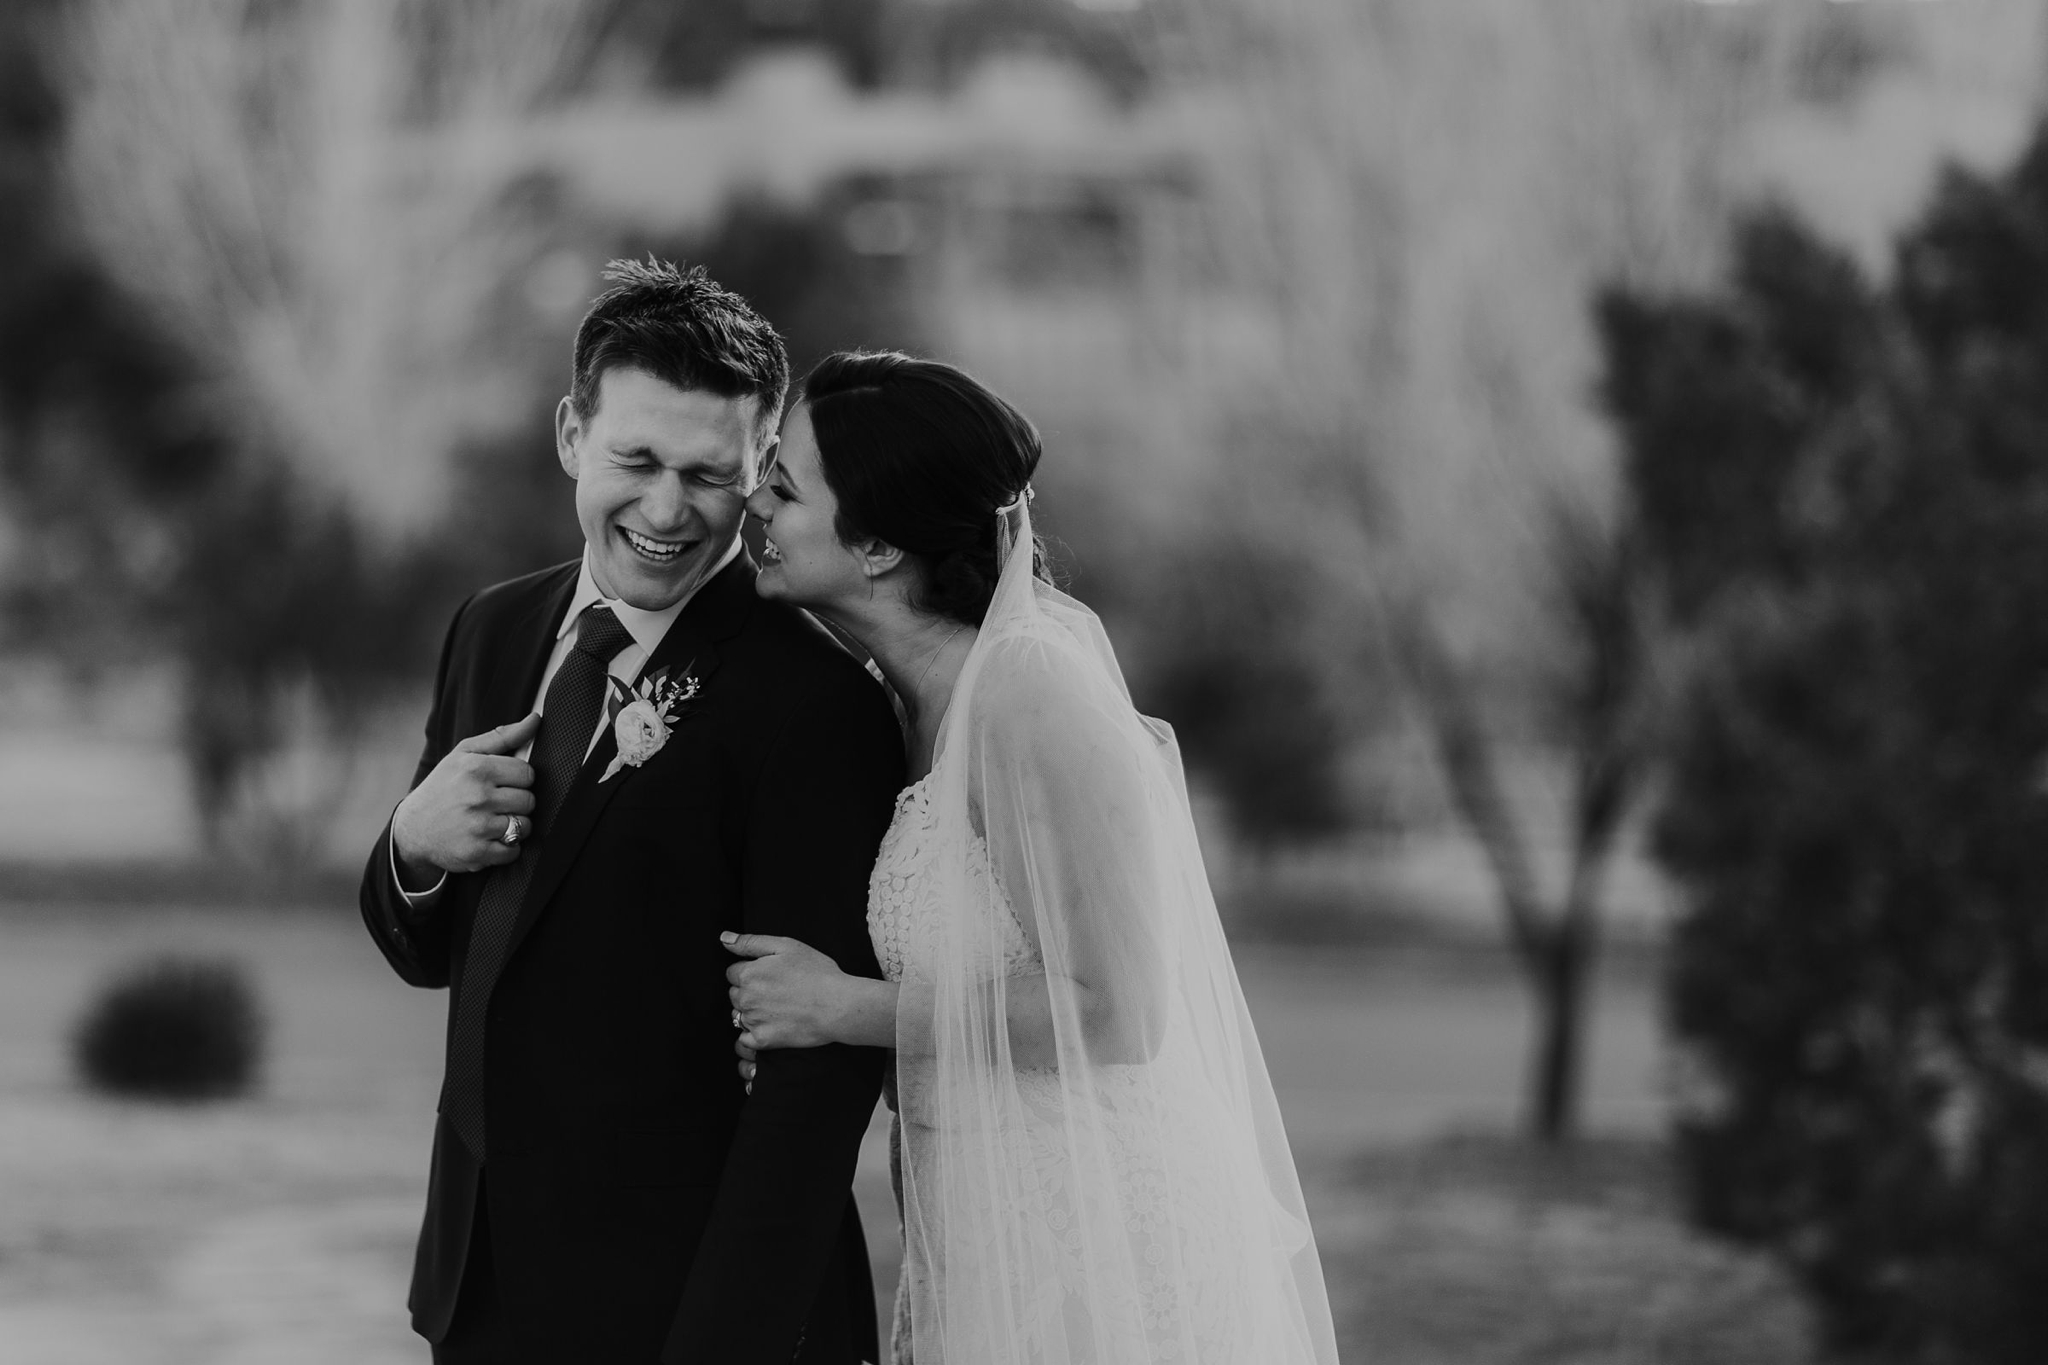 Alicia+lucia+photography+-+albuquerque+wedding+photographer+-+santa+fe+wedding+photography+-+new+mexico+wedding+photographer+-+new+mexico+wedding+-+albuquerque+wedding+-+santa+fe+wedding+-+wedding+romantics_0004.jpg